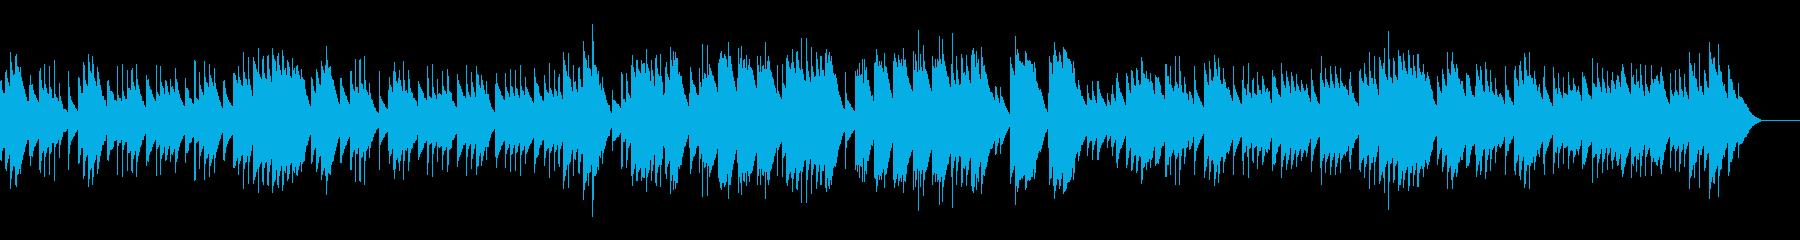 ポンキエッリ 時の踊り (オルゴール)の再生済みの波形